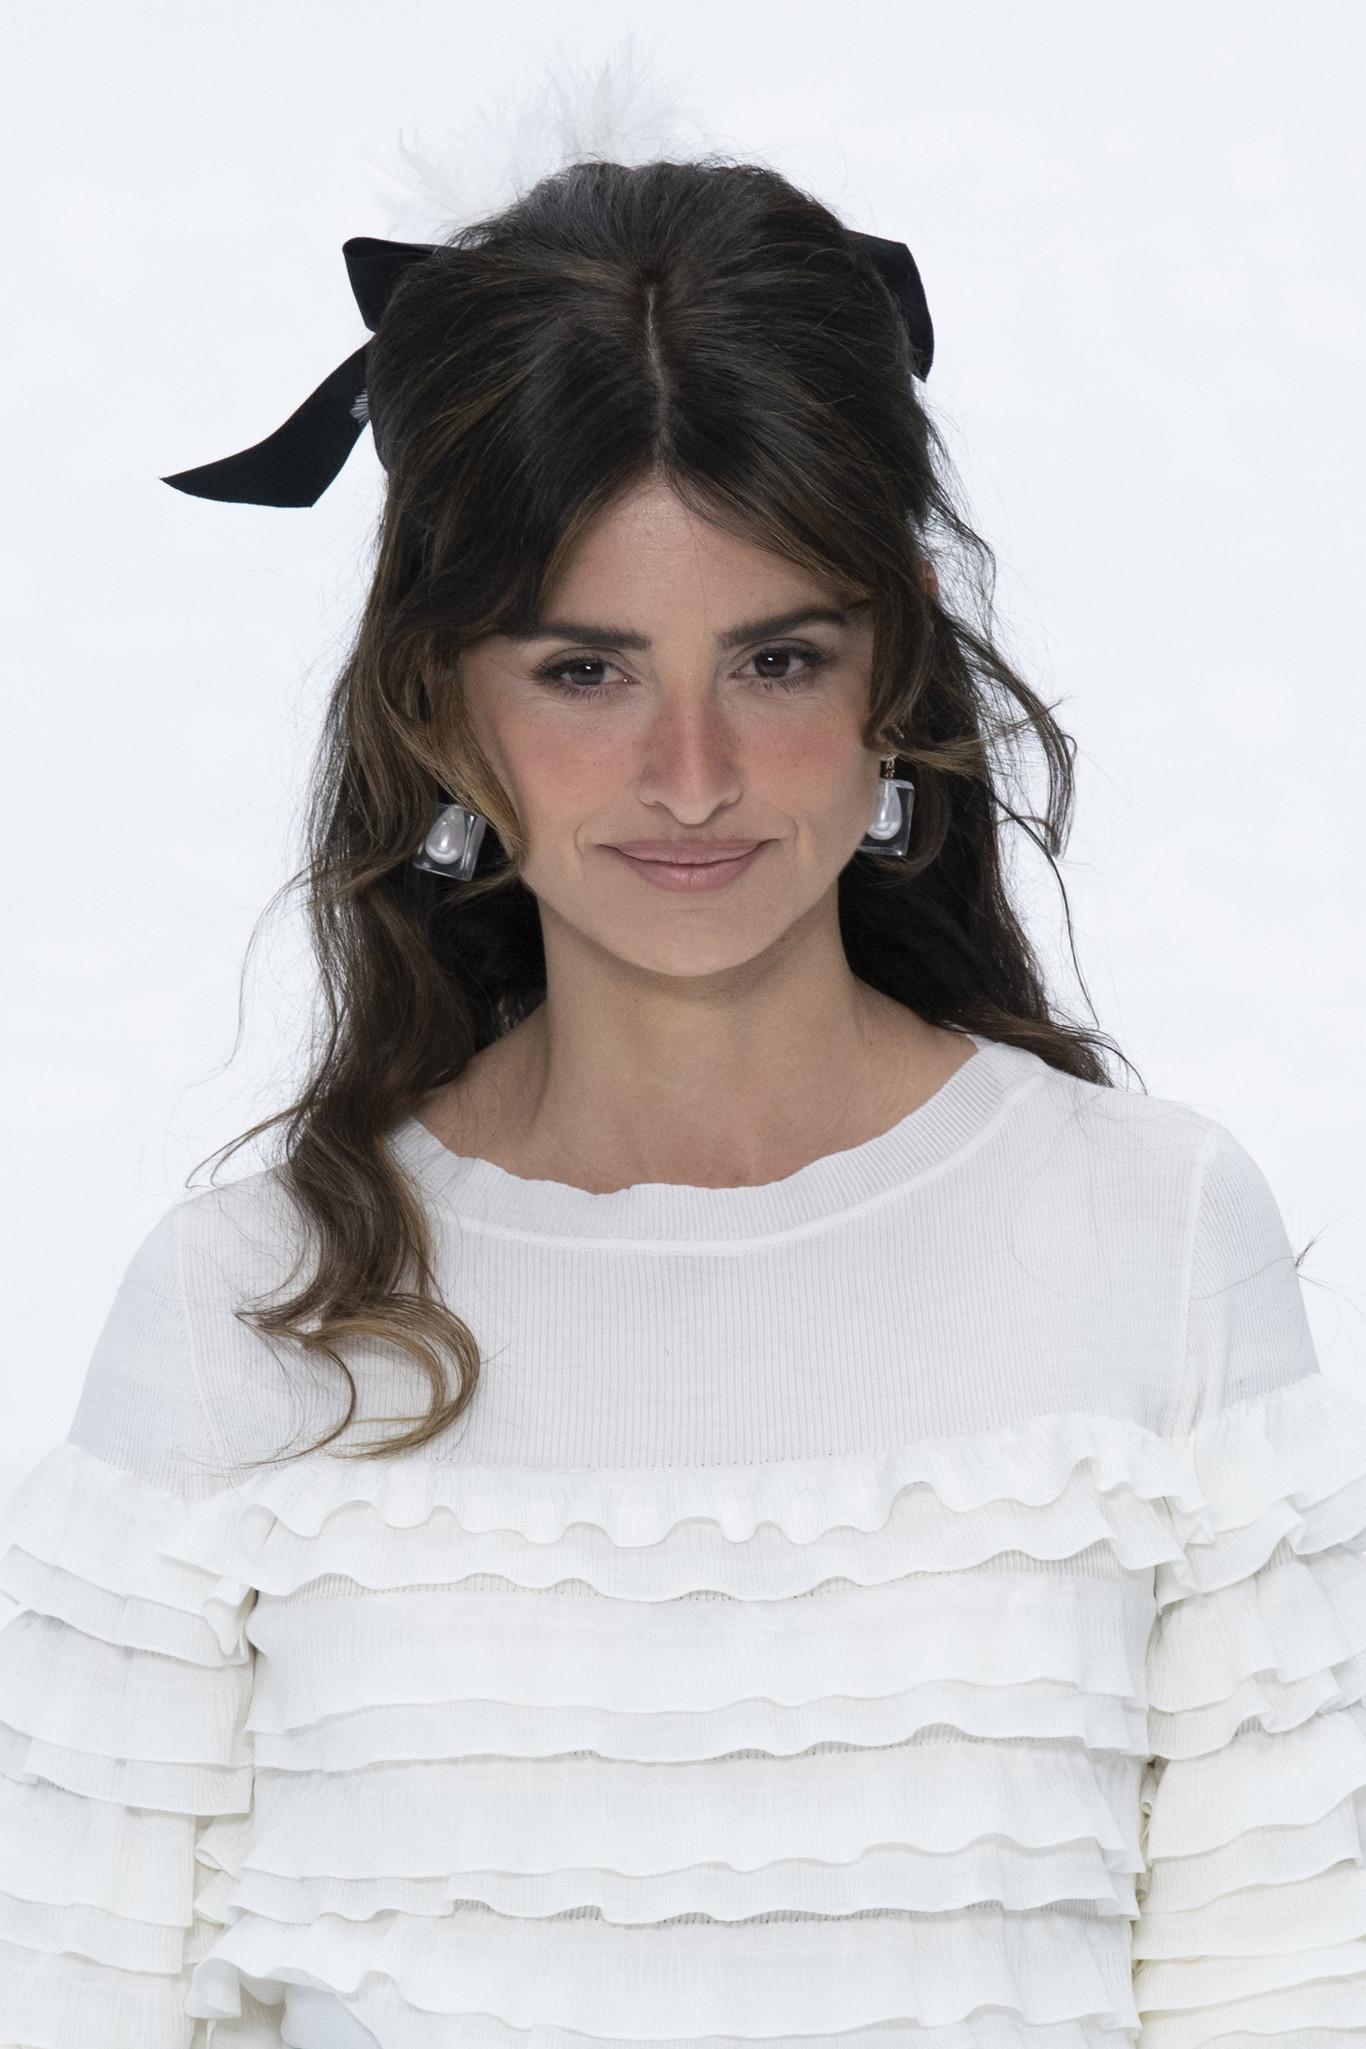 El desfile de Chanel se cubre de gloria con los accesorios para el cabello  (que ya queremos copiar) 1e11fa617